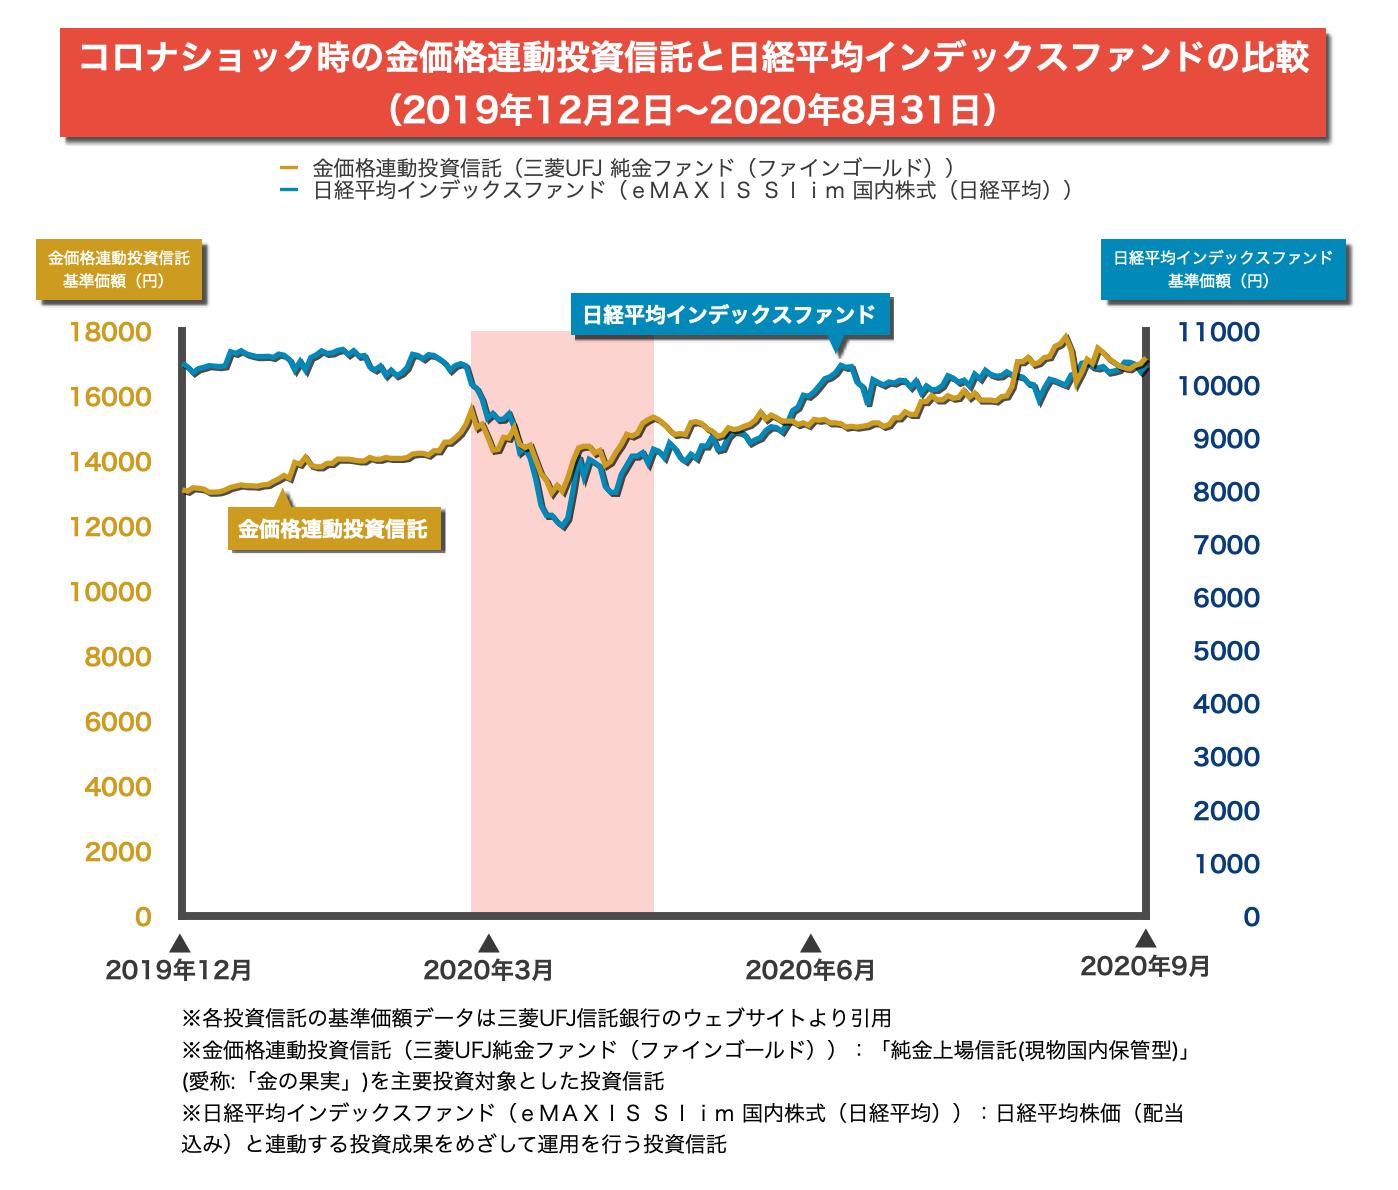 コロナショック時の「金価格連動投資信託」と「日経平均インデックスファンド」の値動き